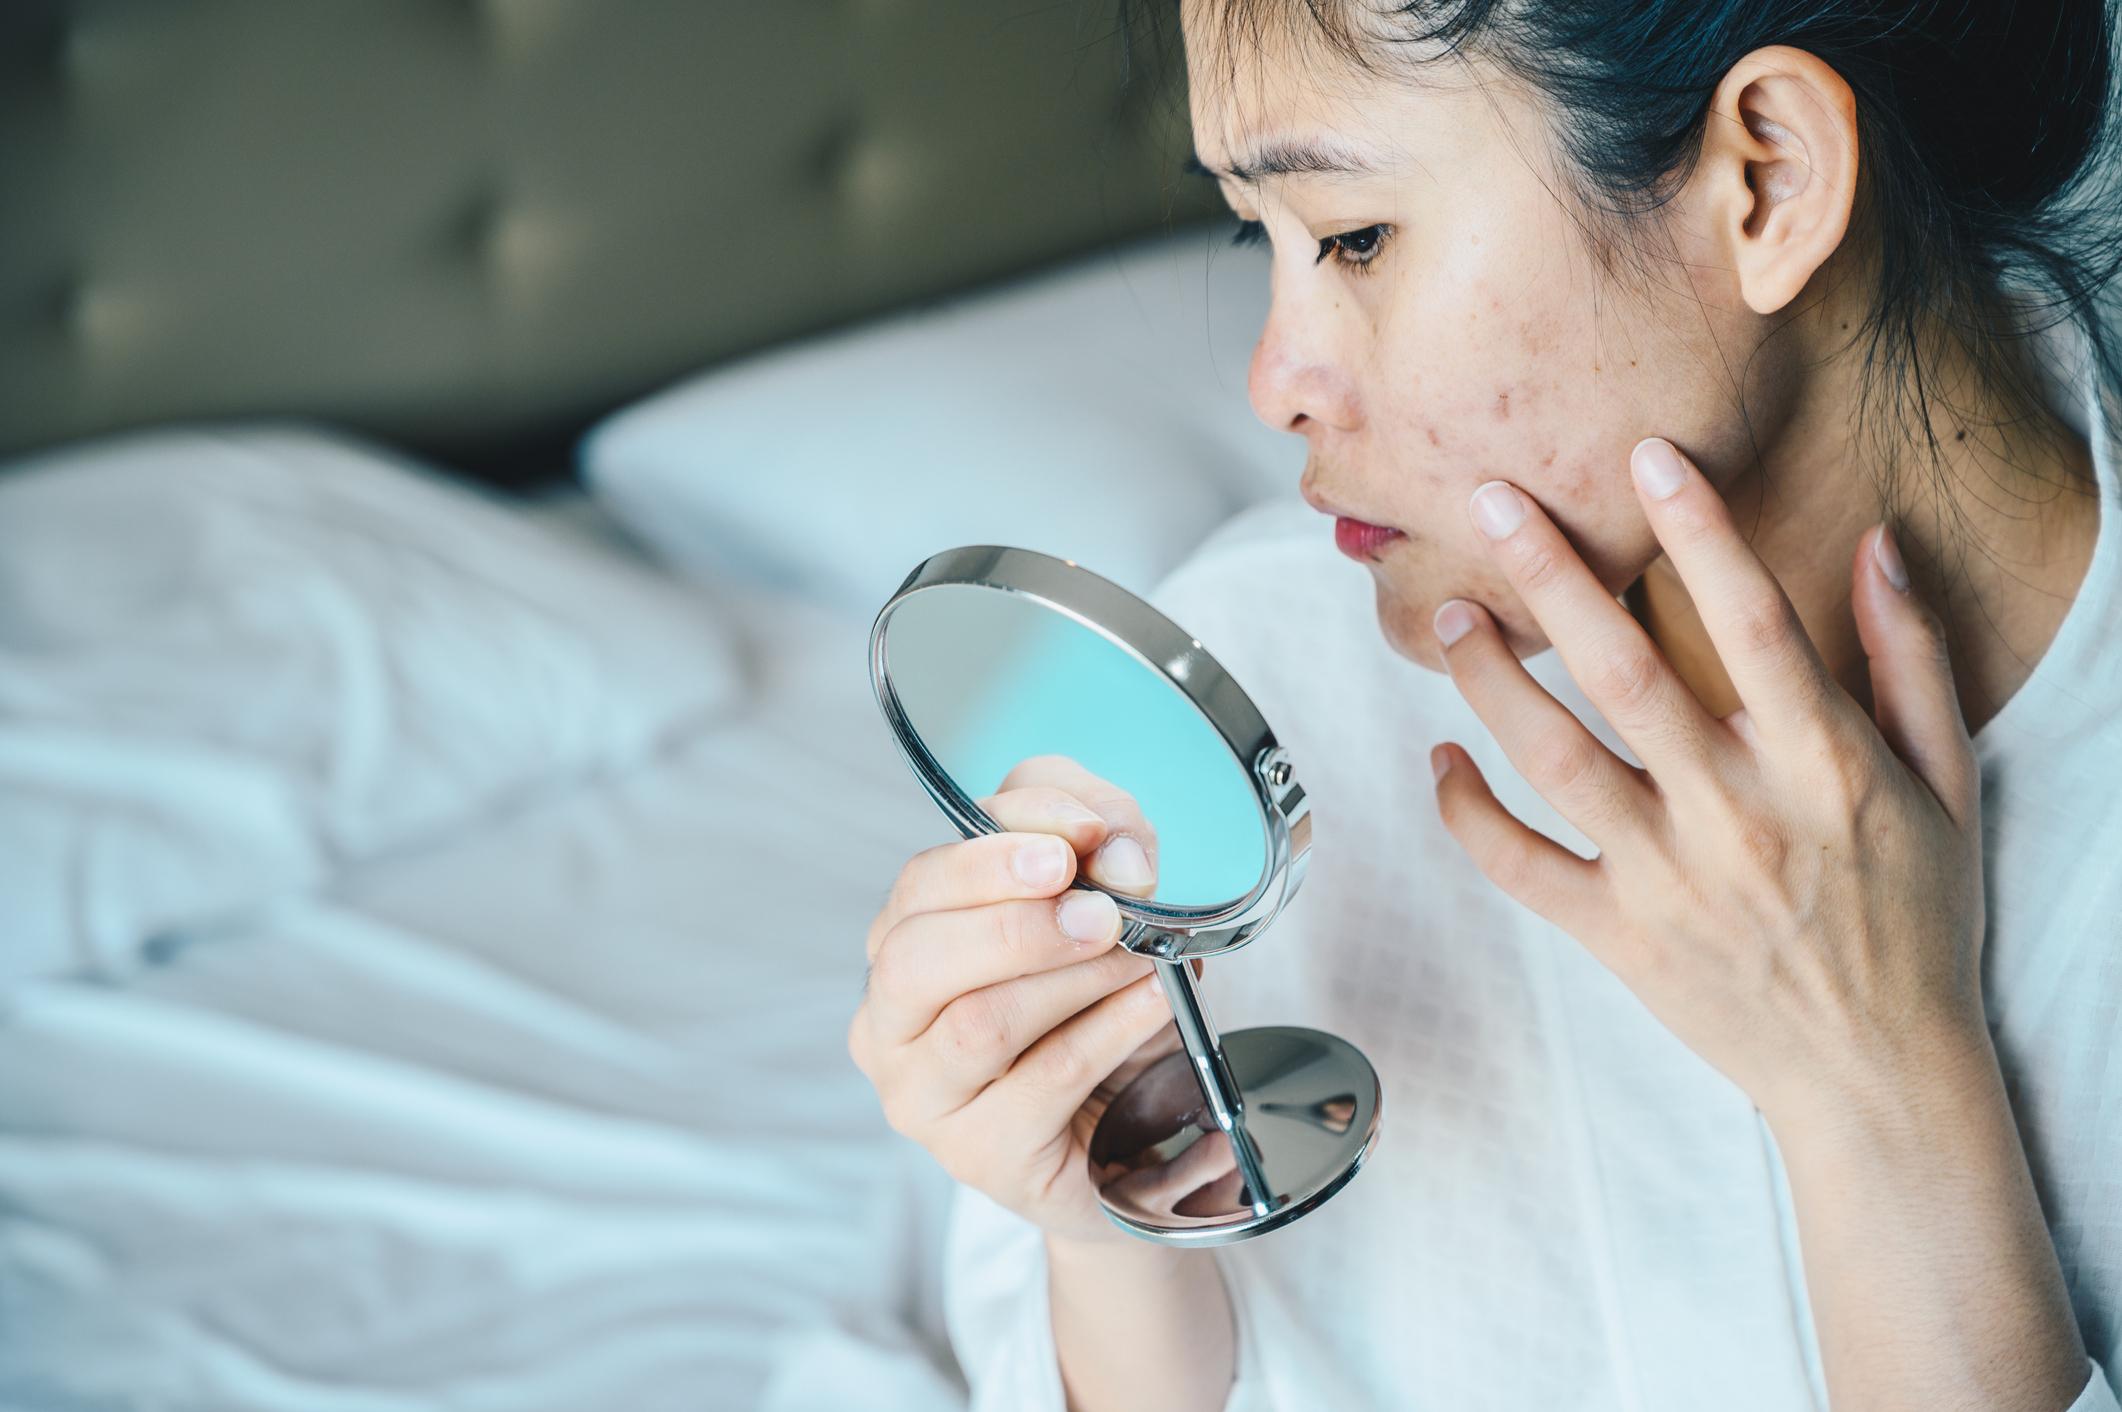 Femme regardant ses cicatrices d'acné dans un miroir.